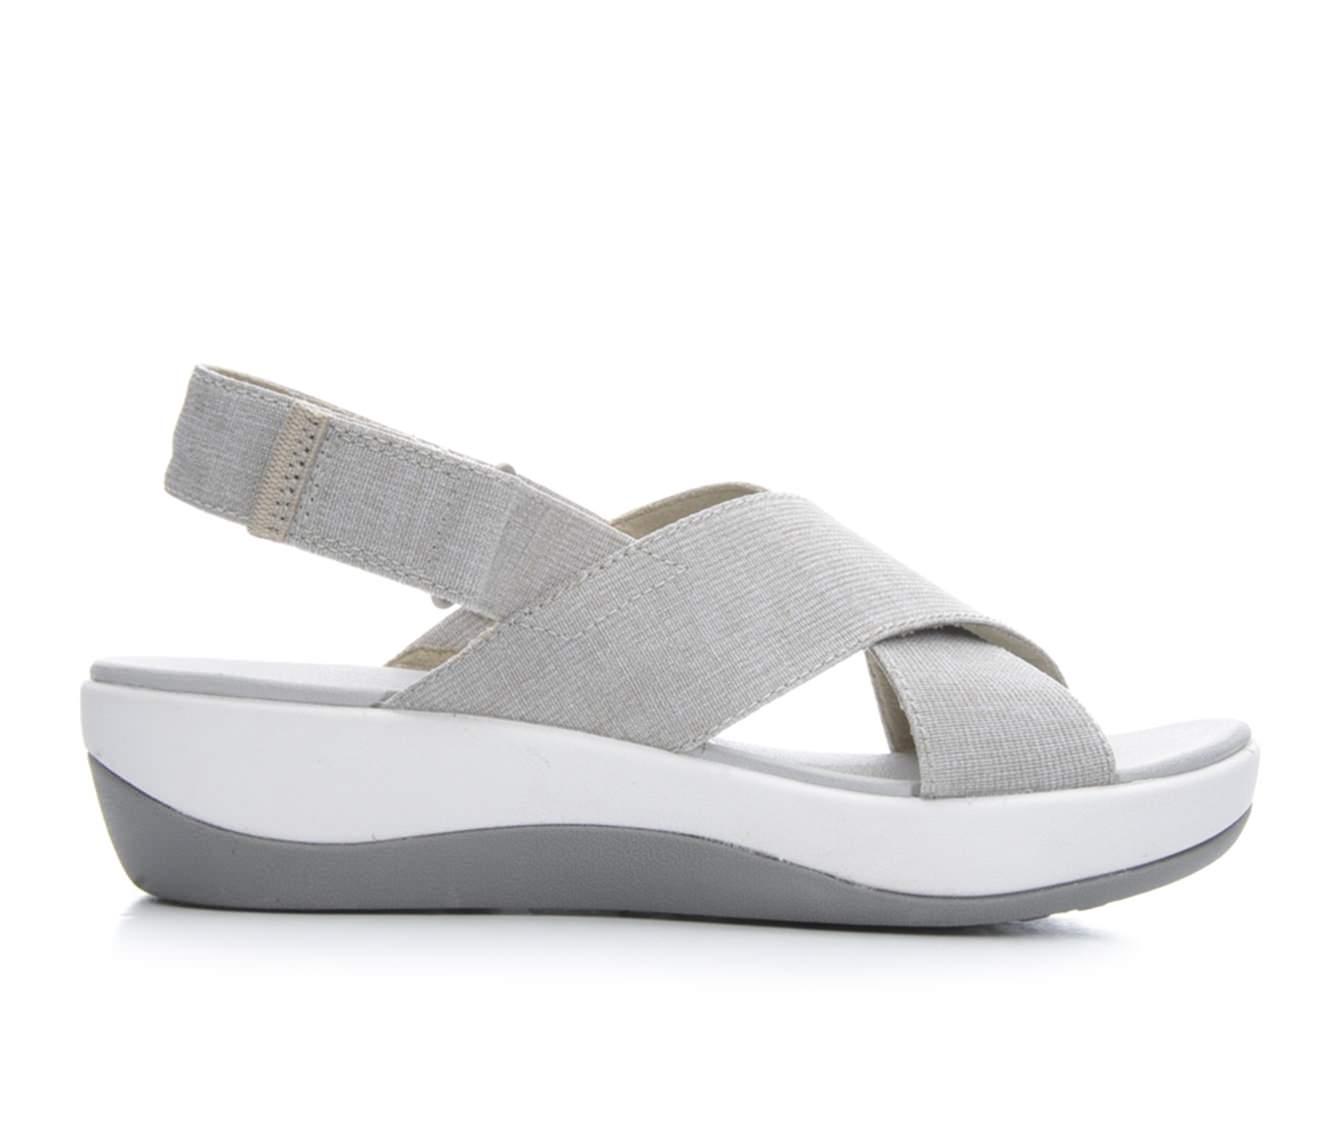 Women's Clarks Arla Sandals (Grey)